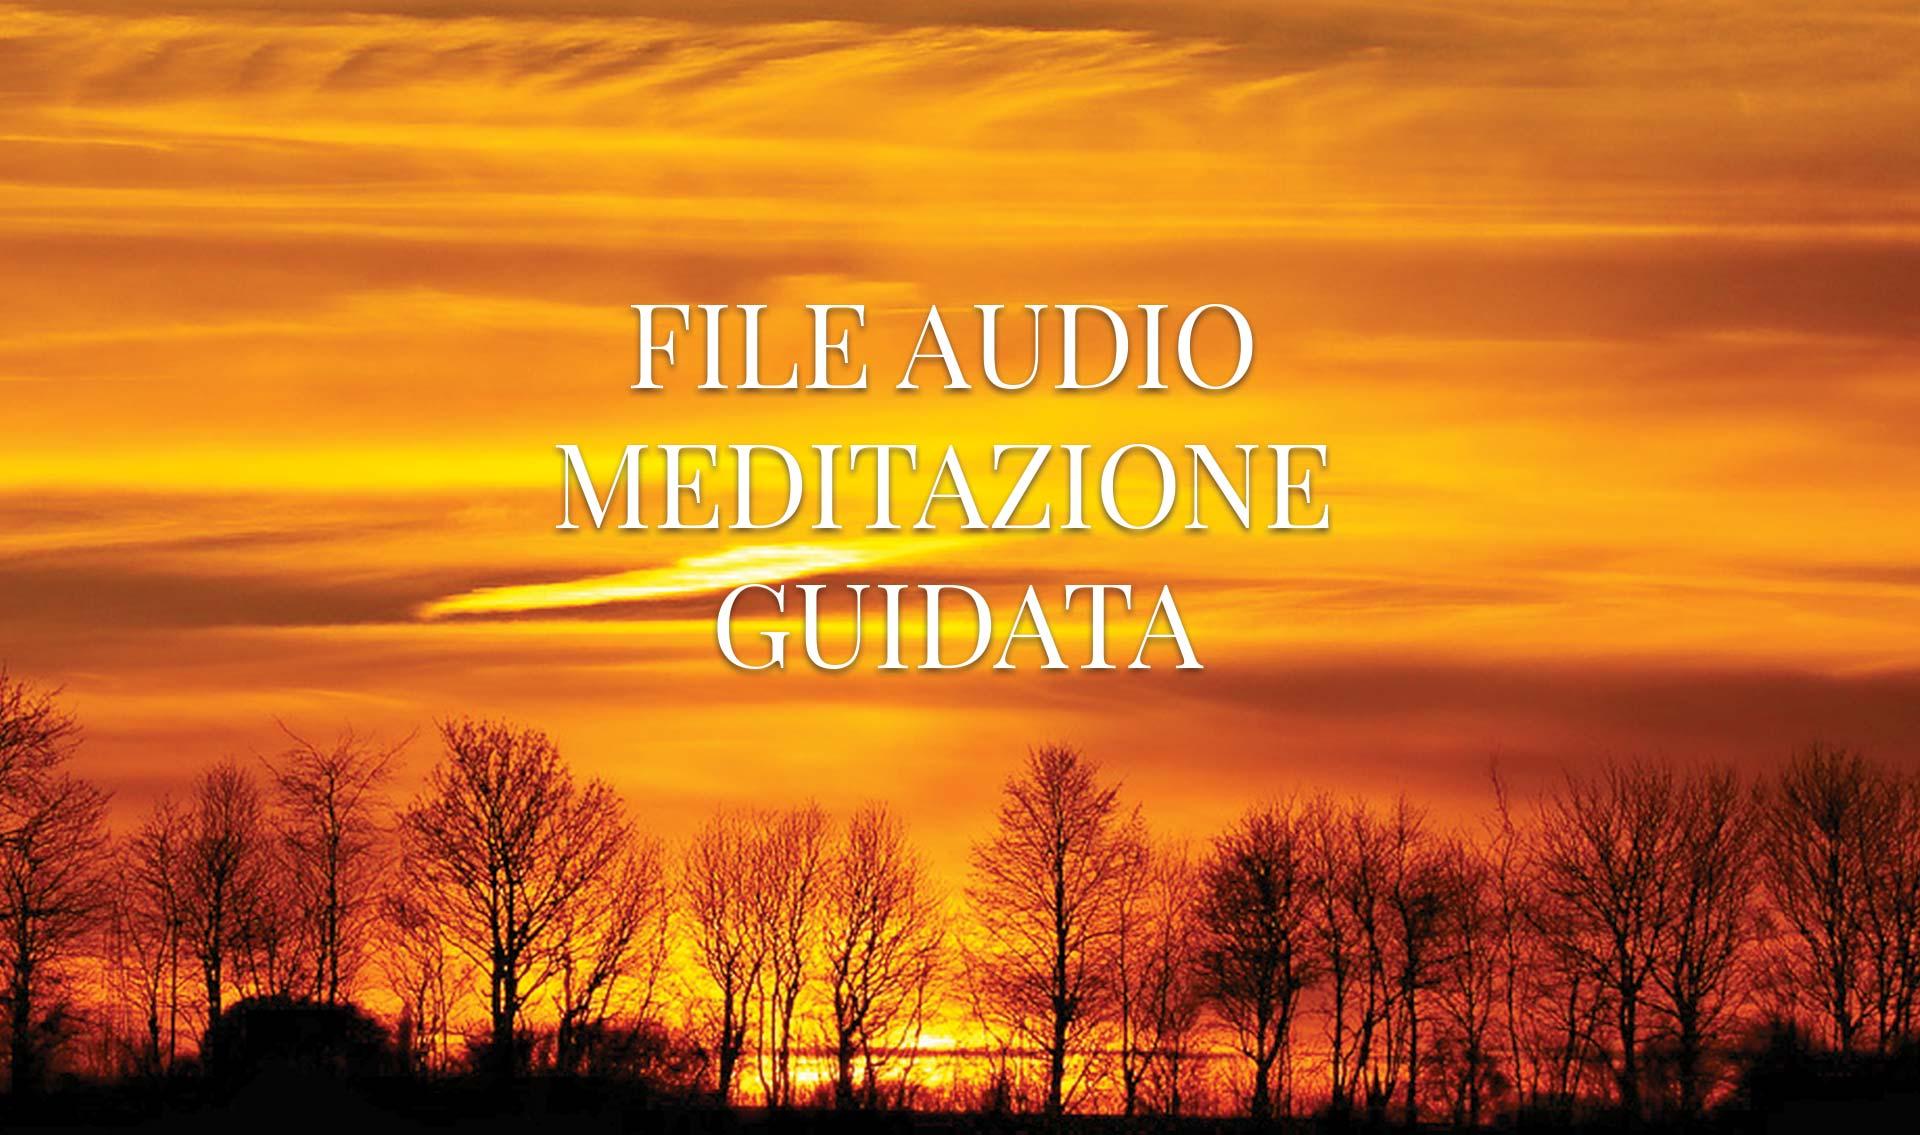 File Audio Meditazione Guidata